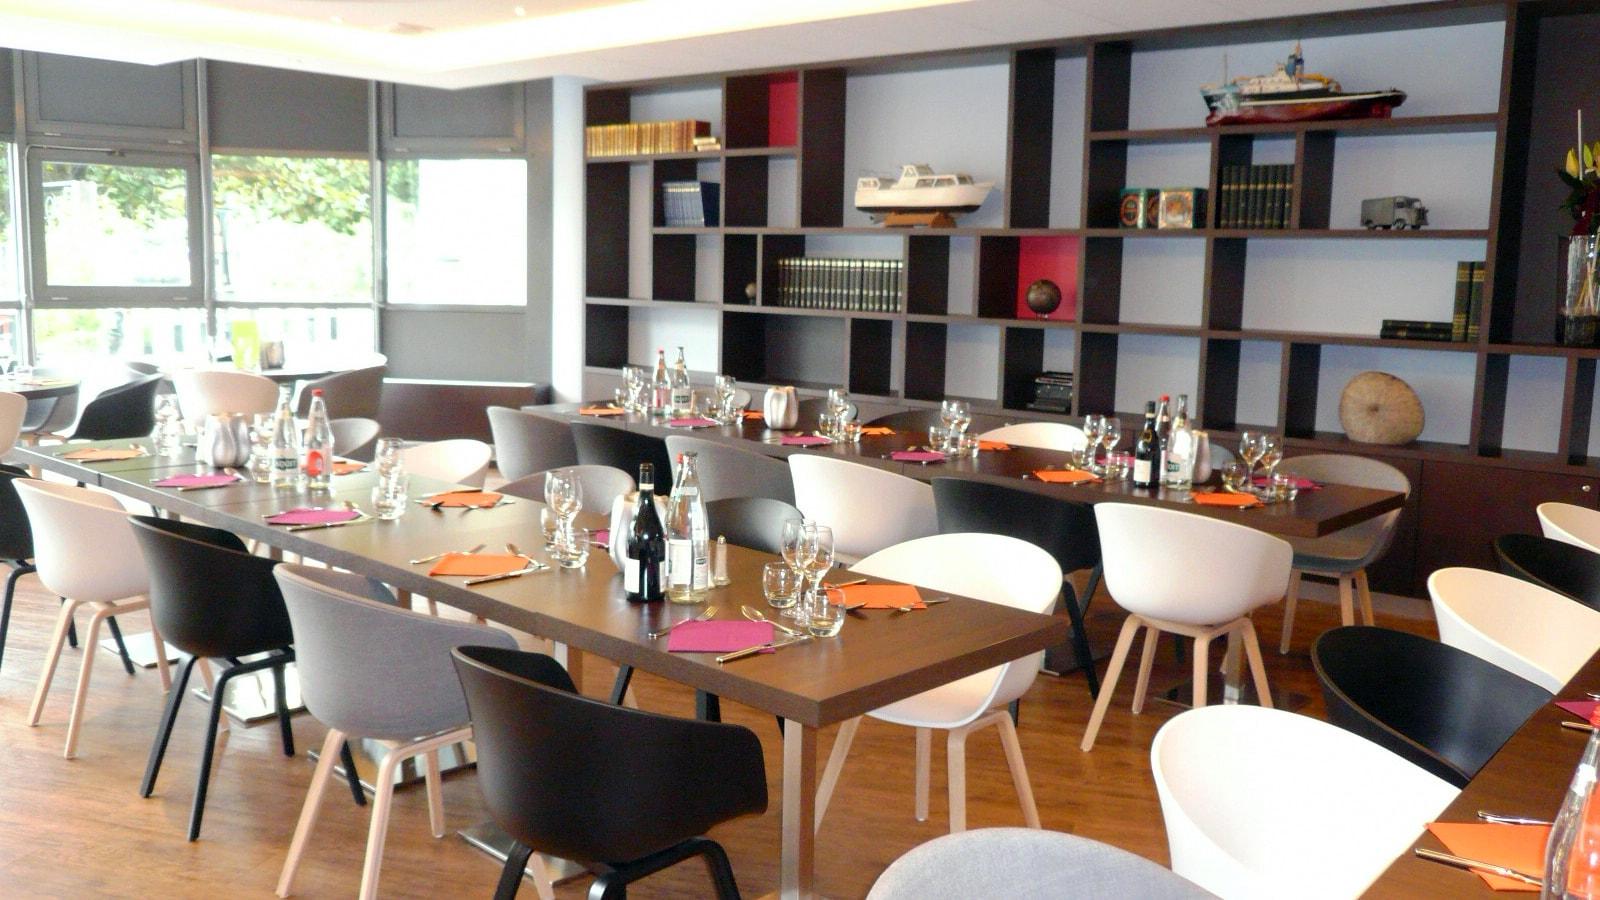 EFI Design Hotel Mercure Nantes Efi Design (12) 1209